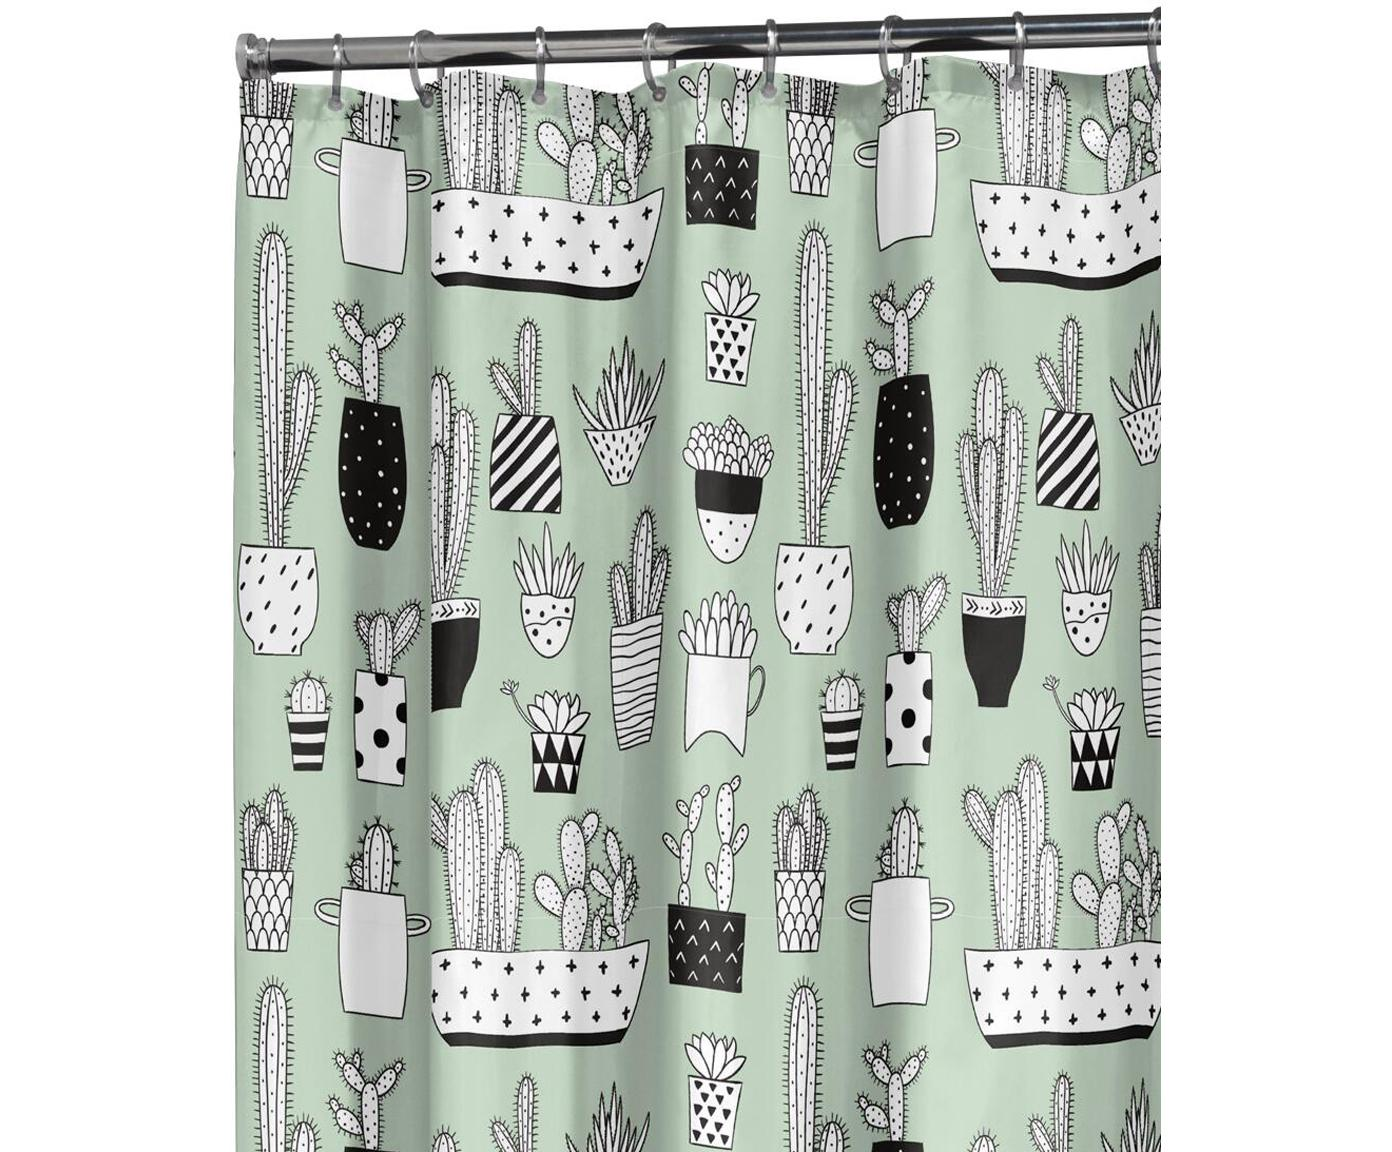 Duschvorhang Cactus mit Kaktus-Print, Kunststoff (PEVA), wasserdicht, Grün, Schwarz, Weiss, 180 x 200 cm